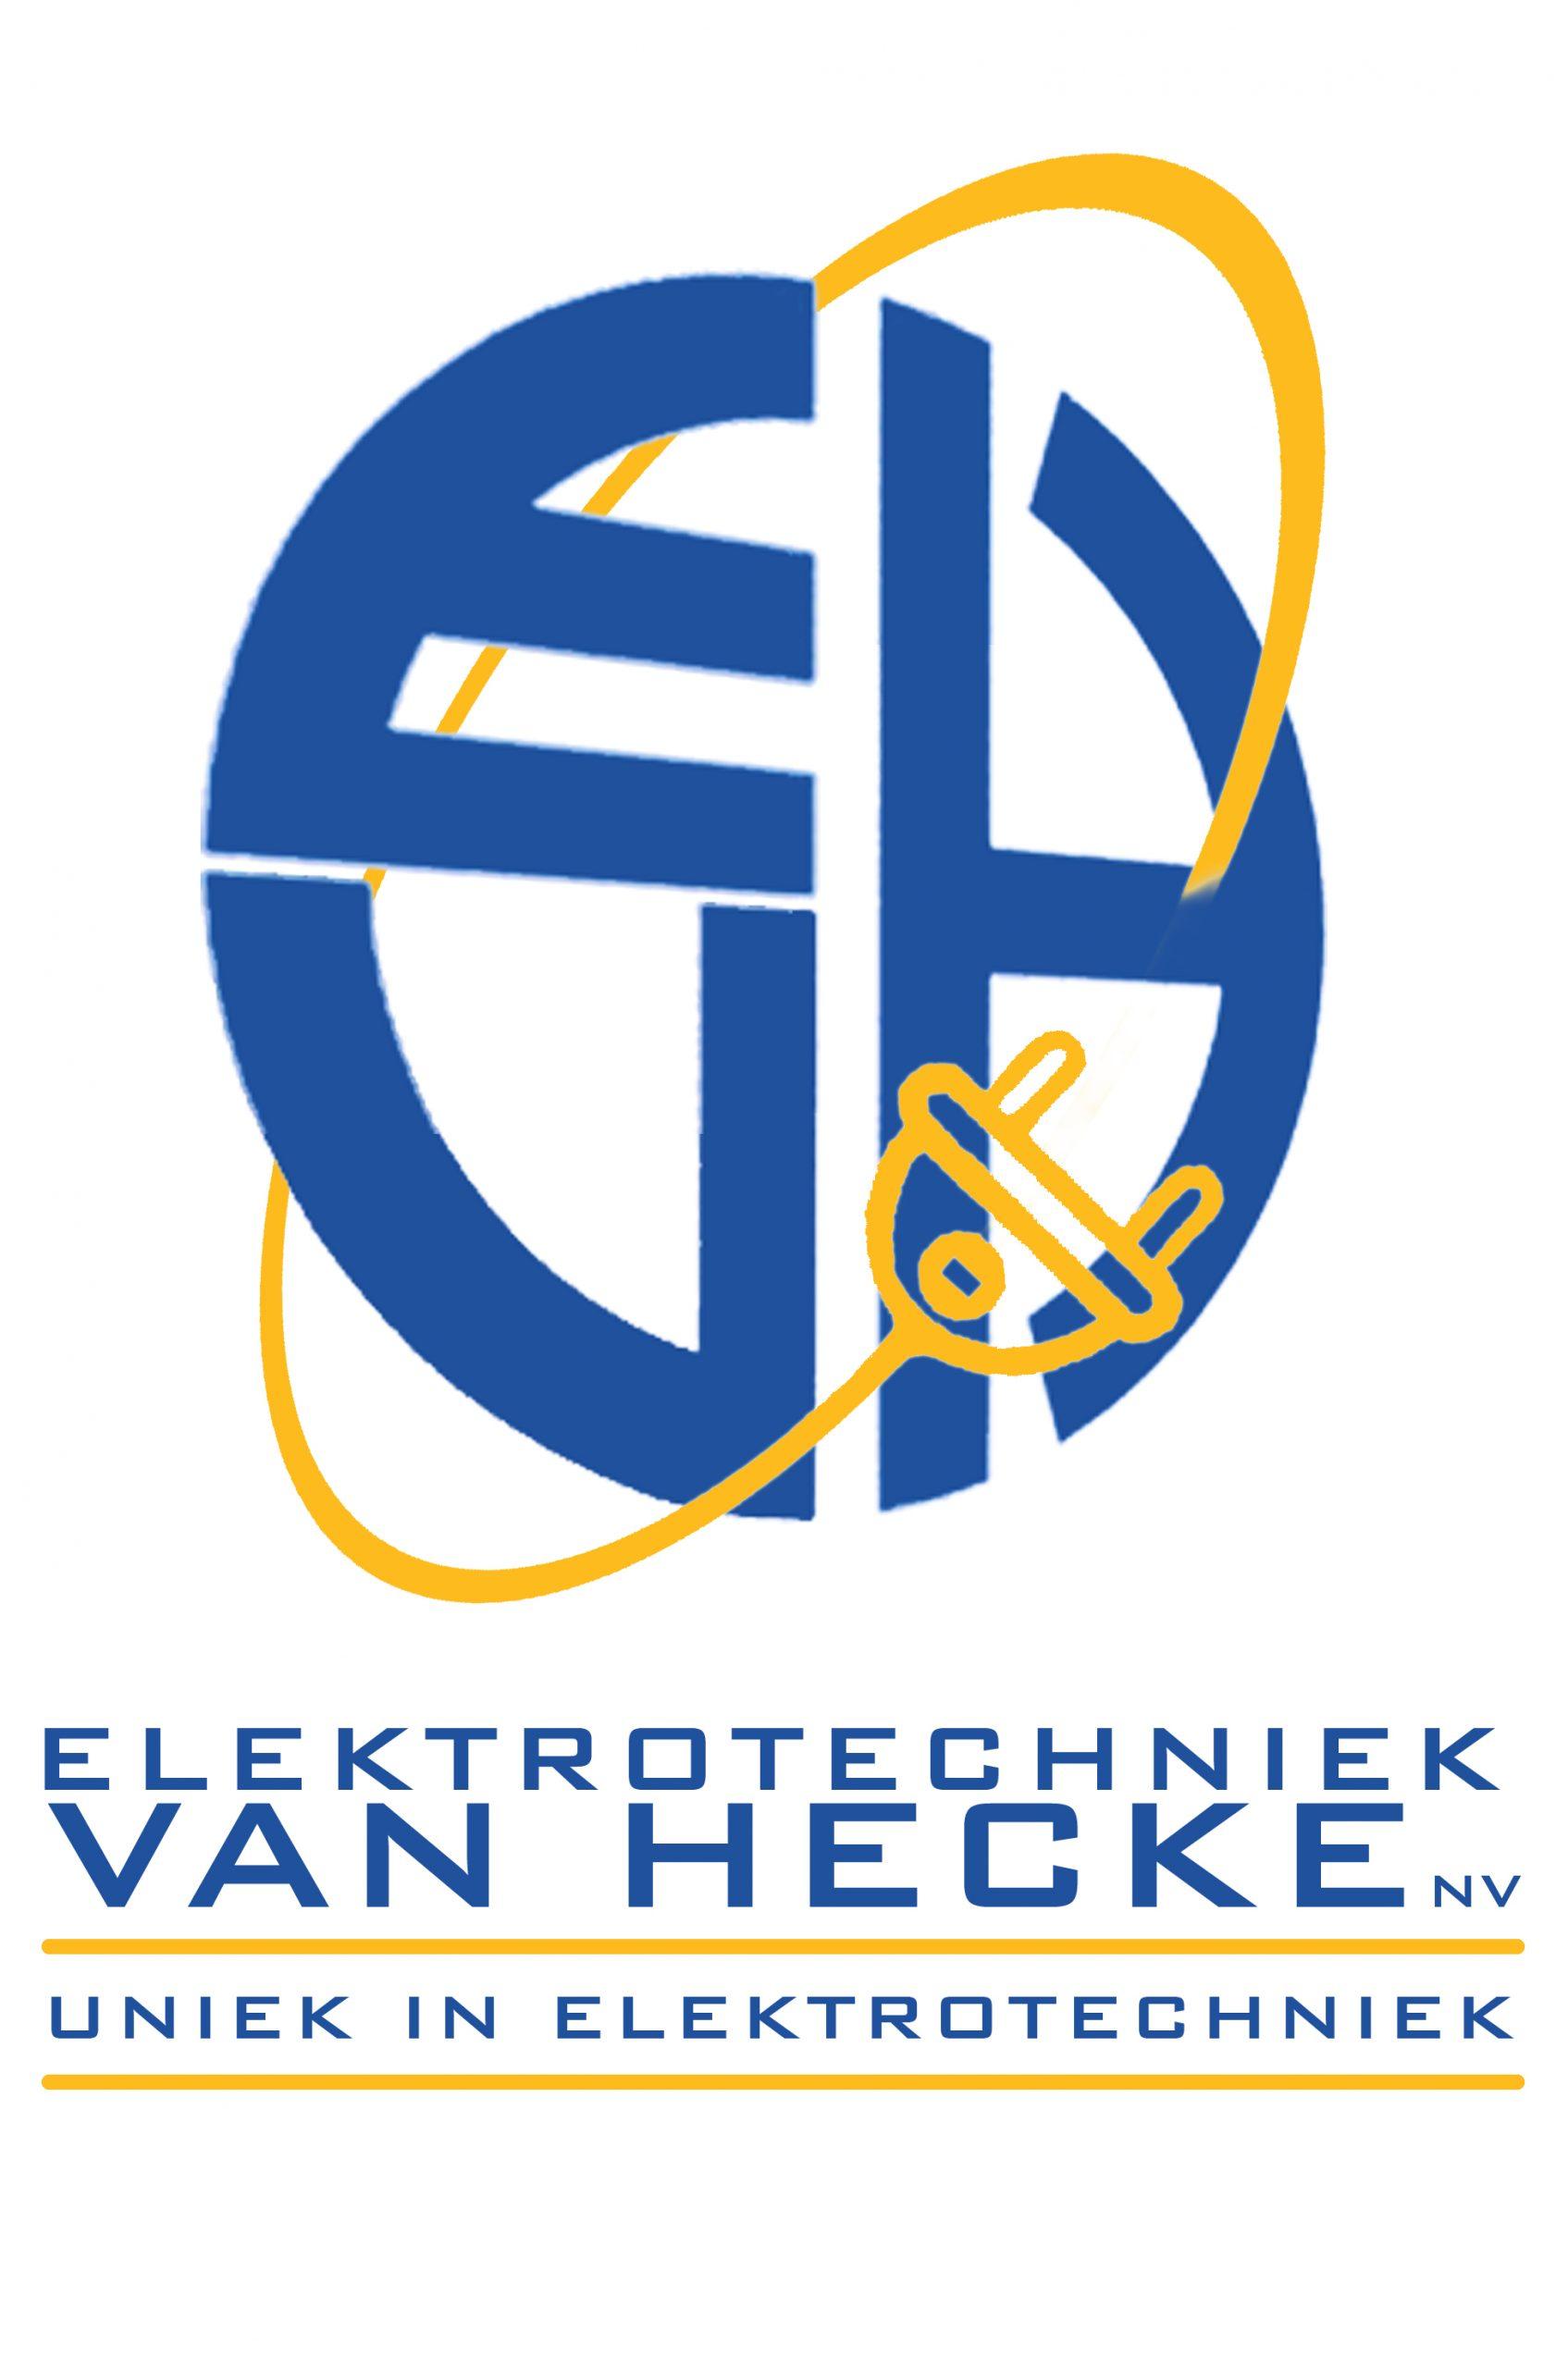 platina-elektrotechniek-van-hecke